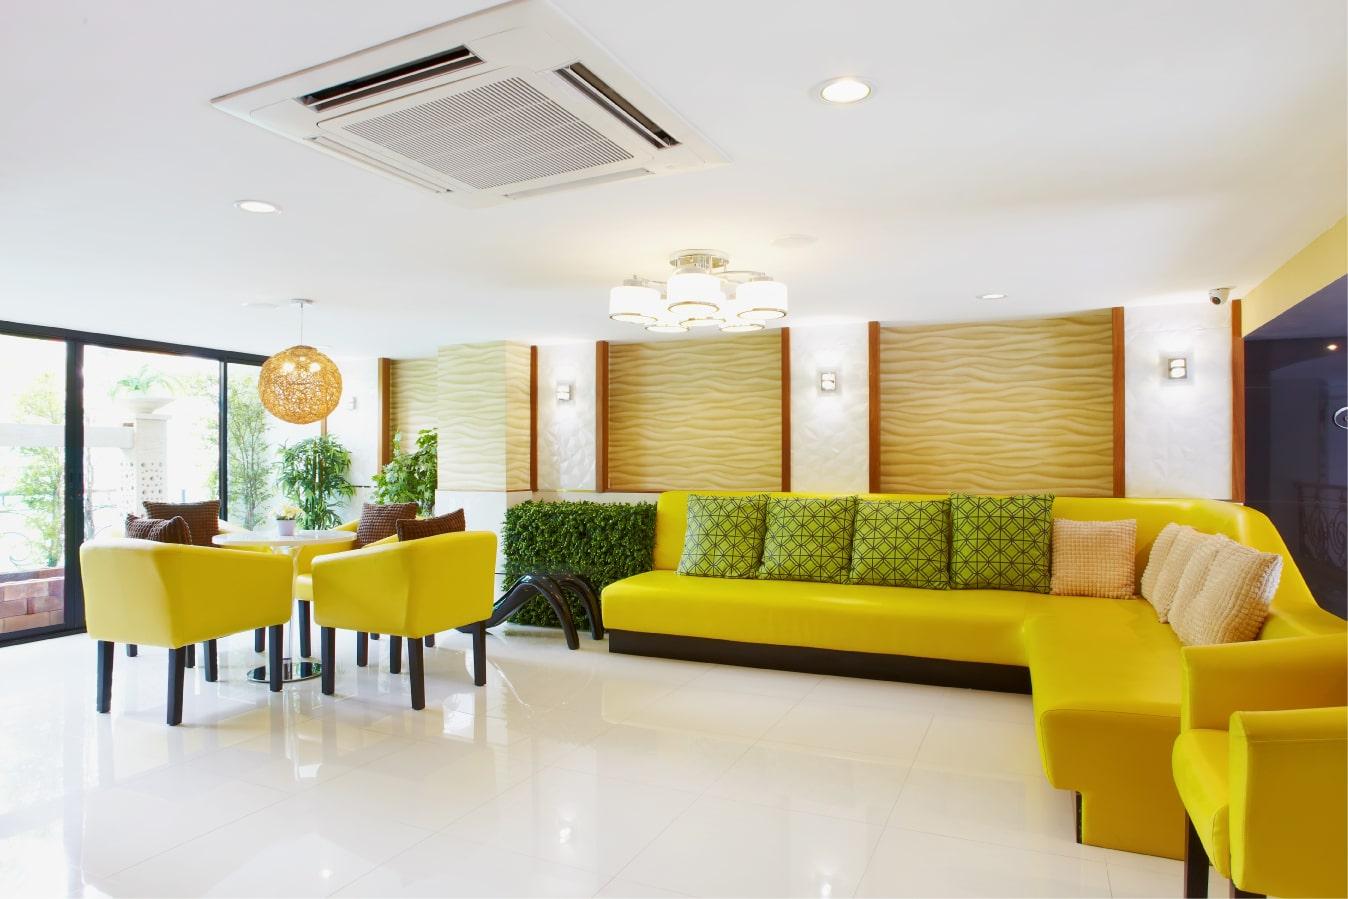 aircon-company-lounge-min